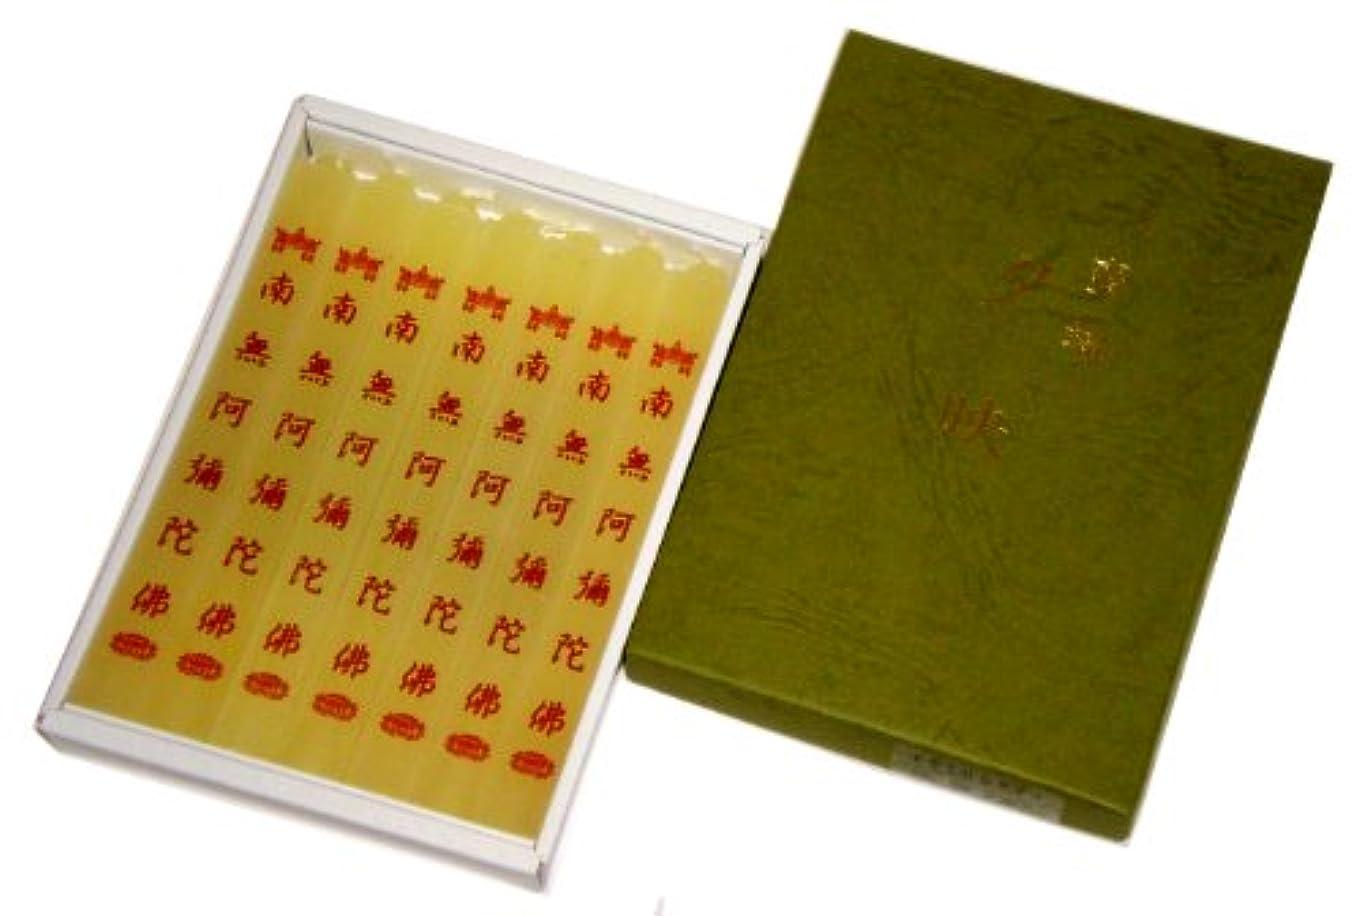 指定するレタス手書き鳥居のローソク 蜜蝋夕映 陀仏 7本入 紙箱 #100711